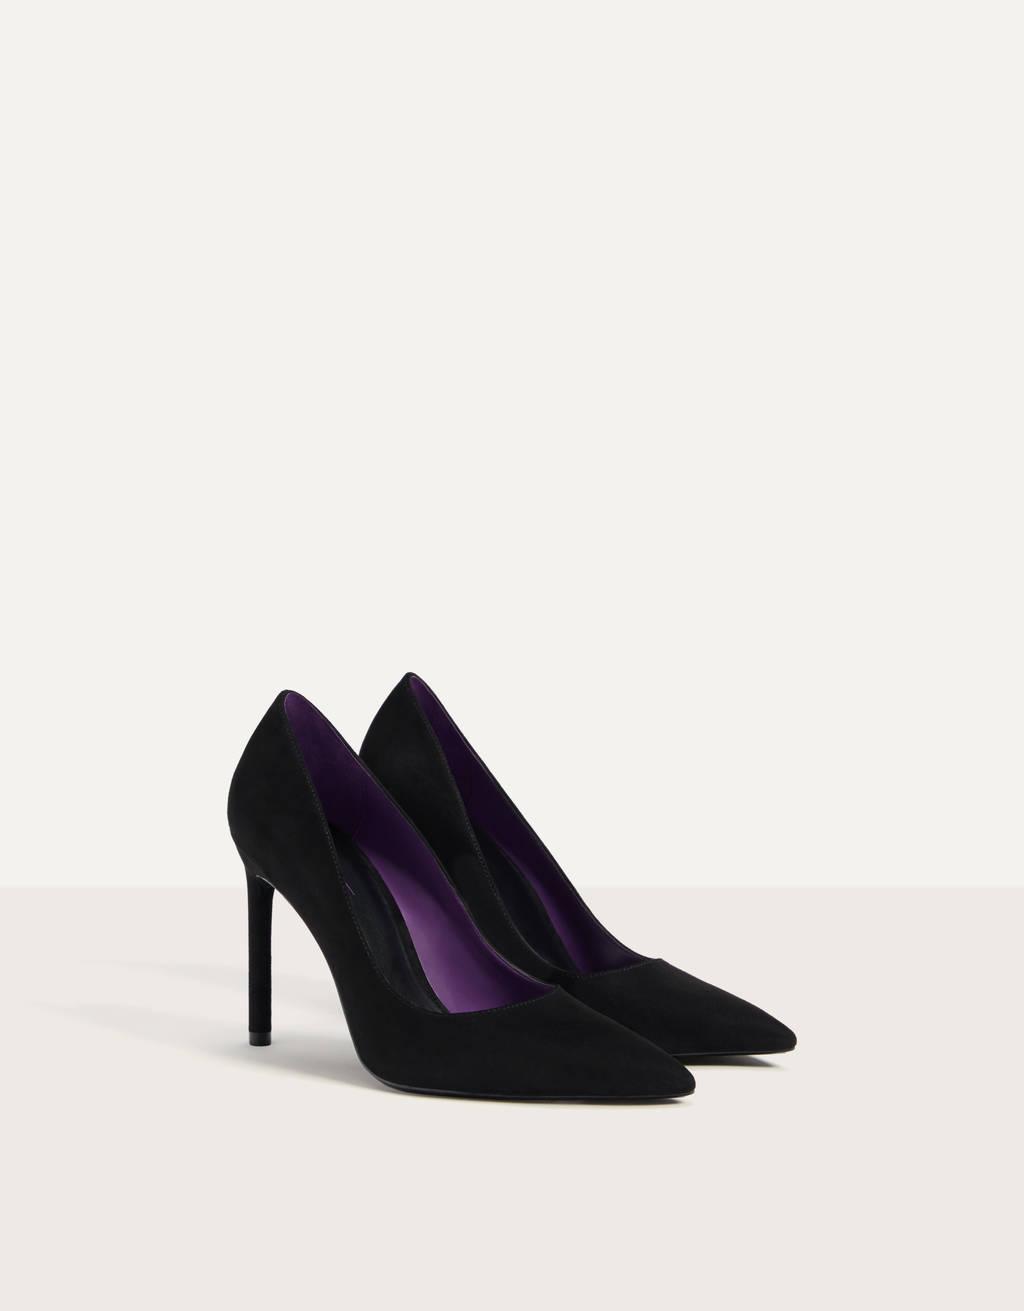 Stiletto heel shoes